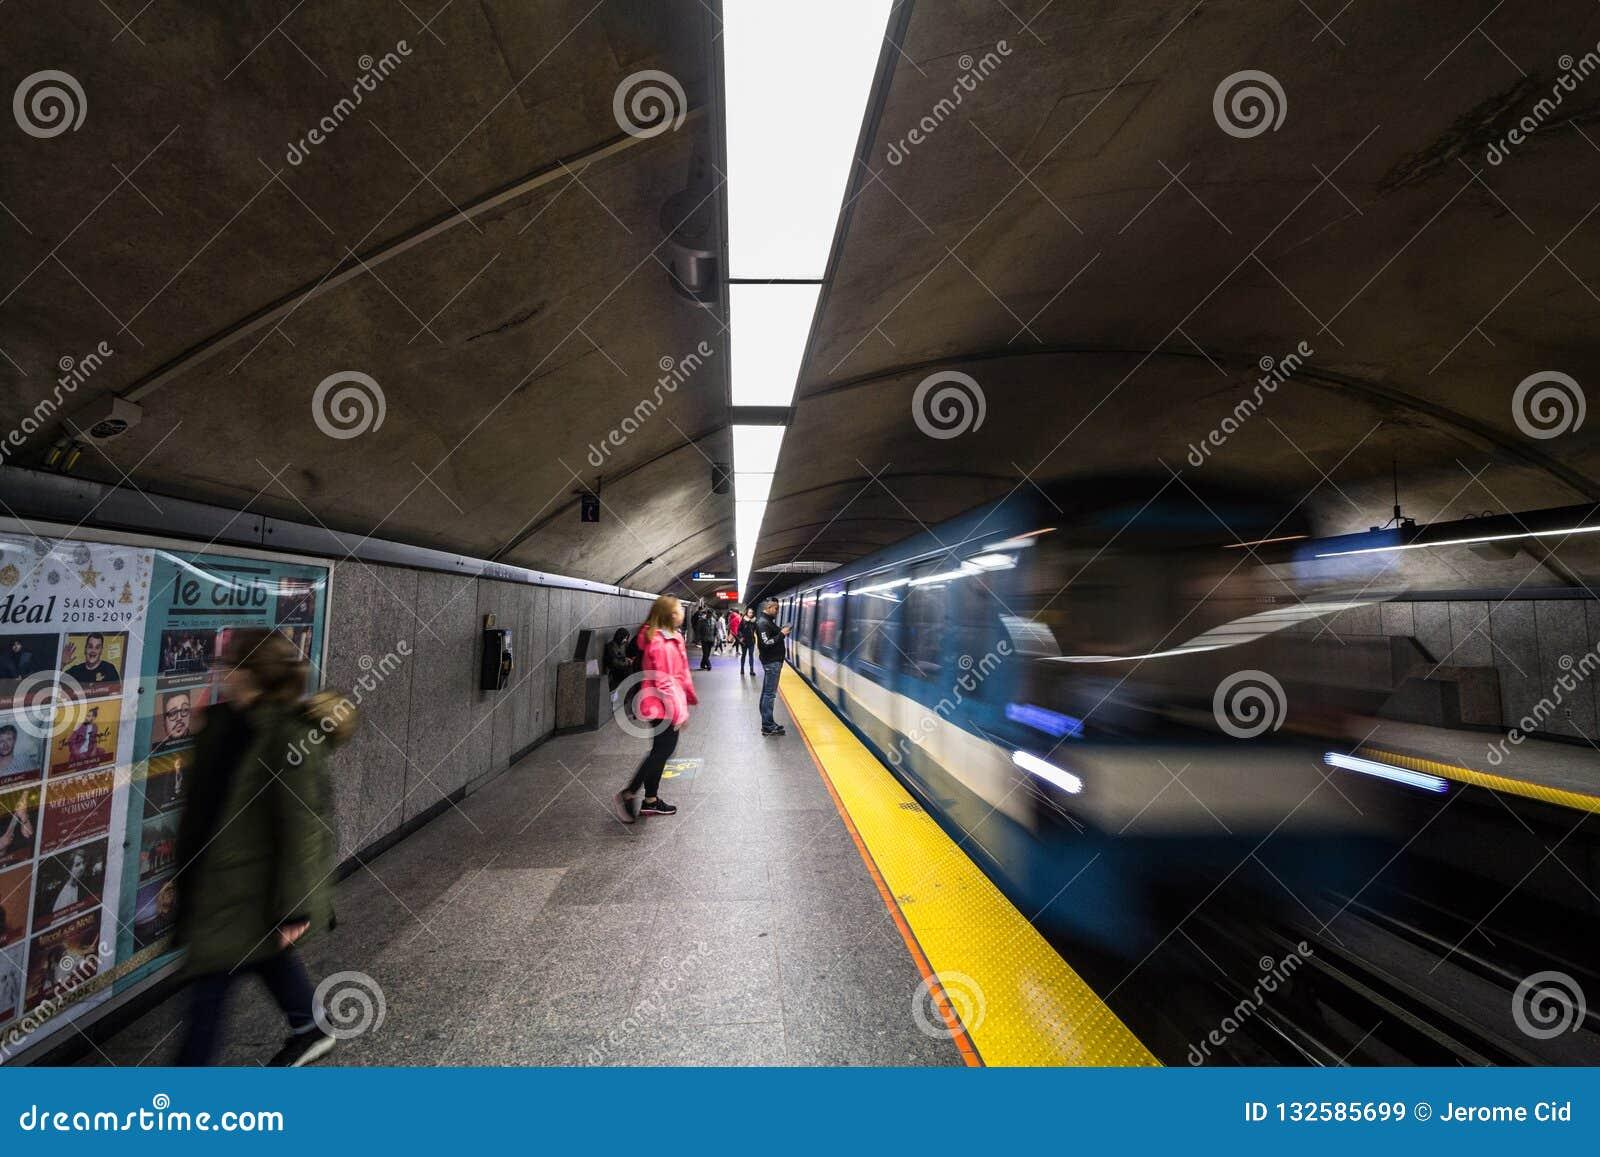 Άνθρωποι που περιμένουν έναν υπόγειο Cote des Neiges στην πλατφόρμα σταθμών, μπλε γραμμή, ενώ ένα τραίνο μετρό έρχεται, με μια θα